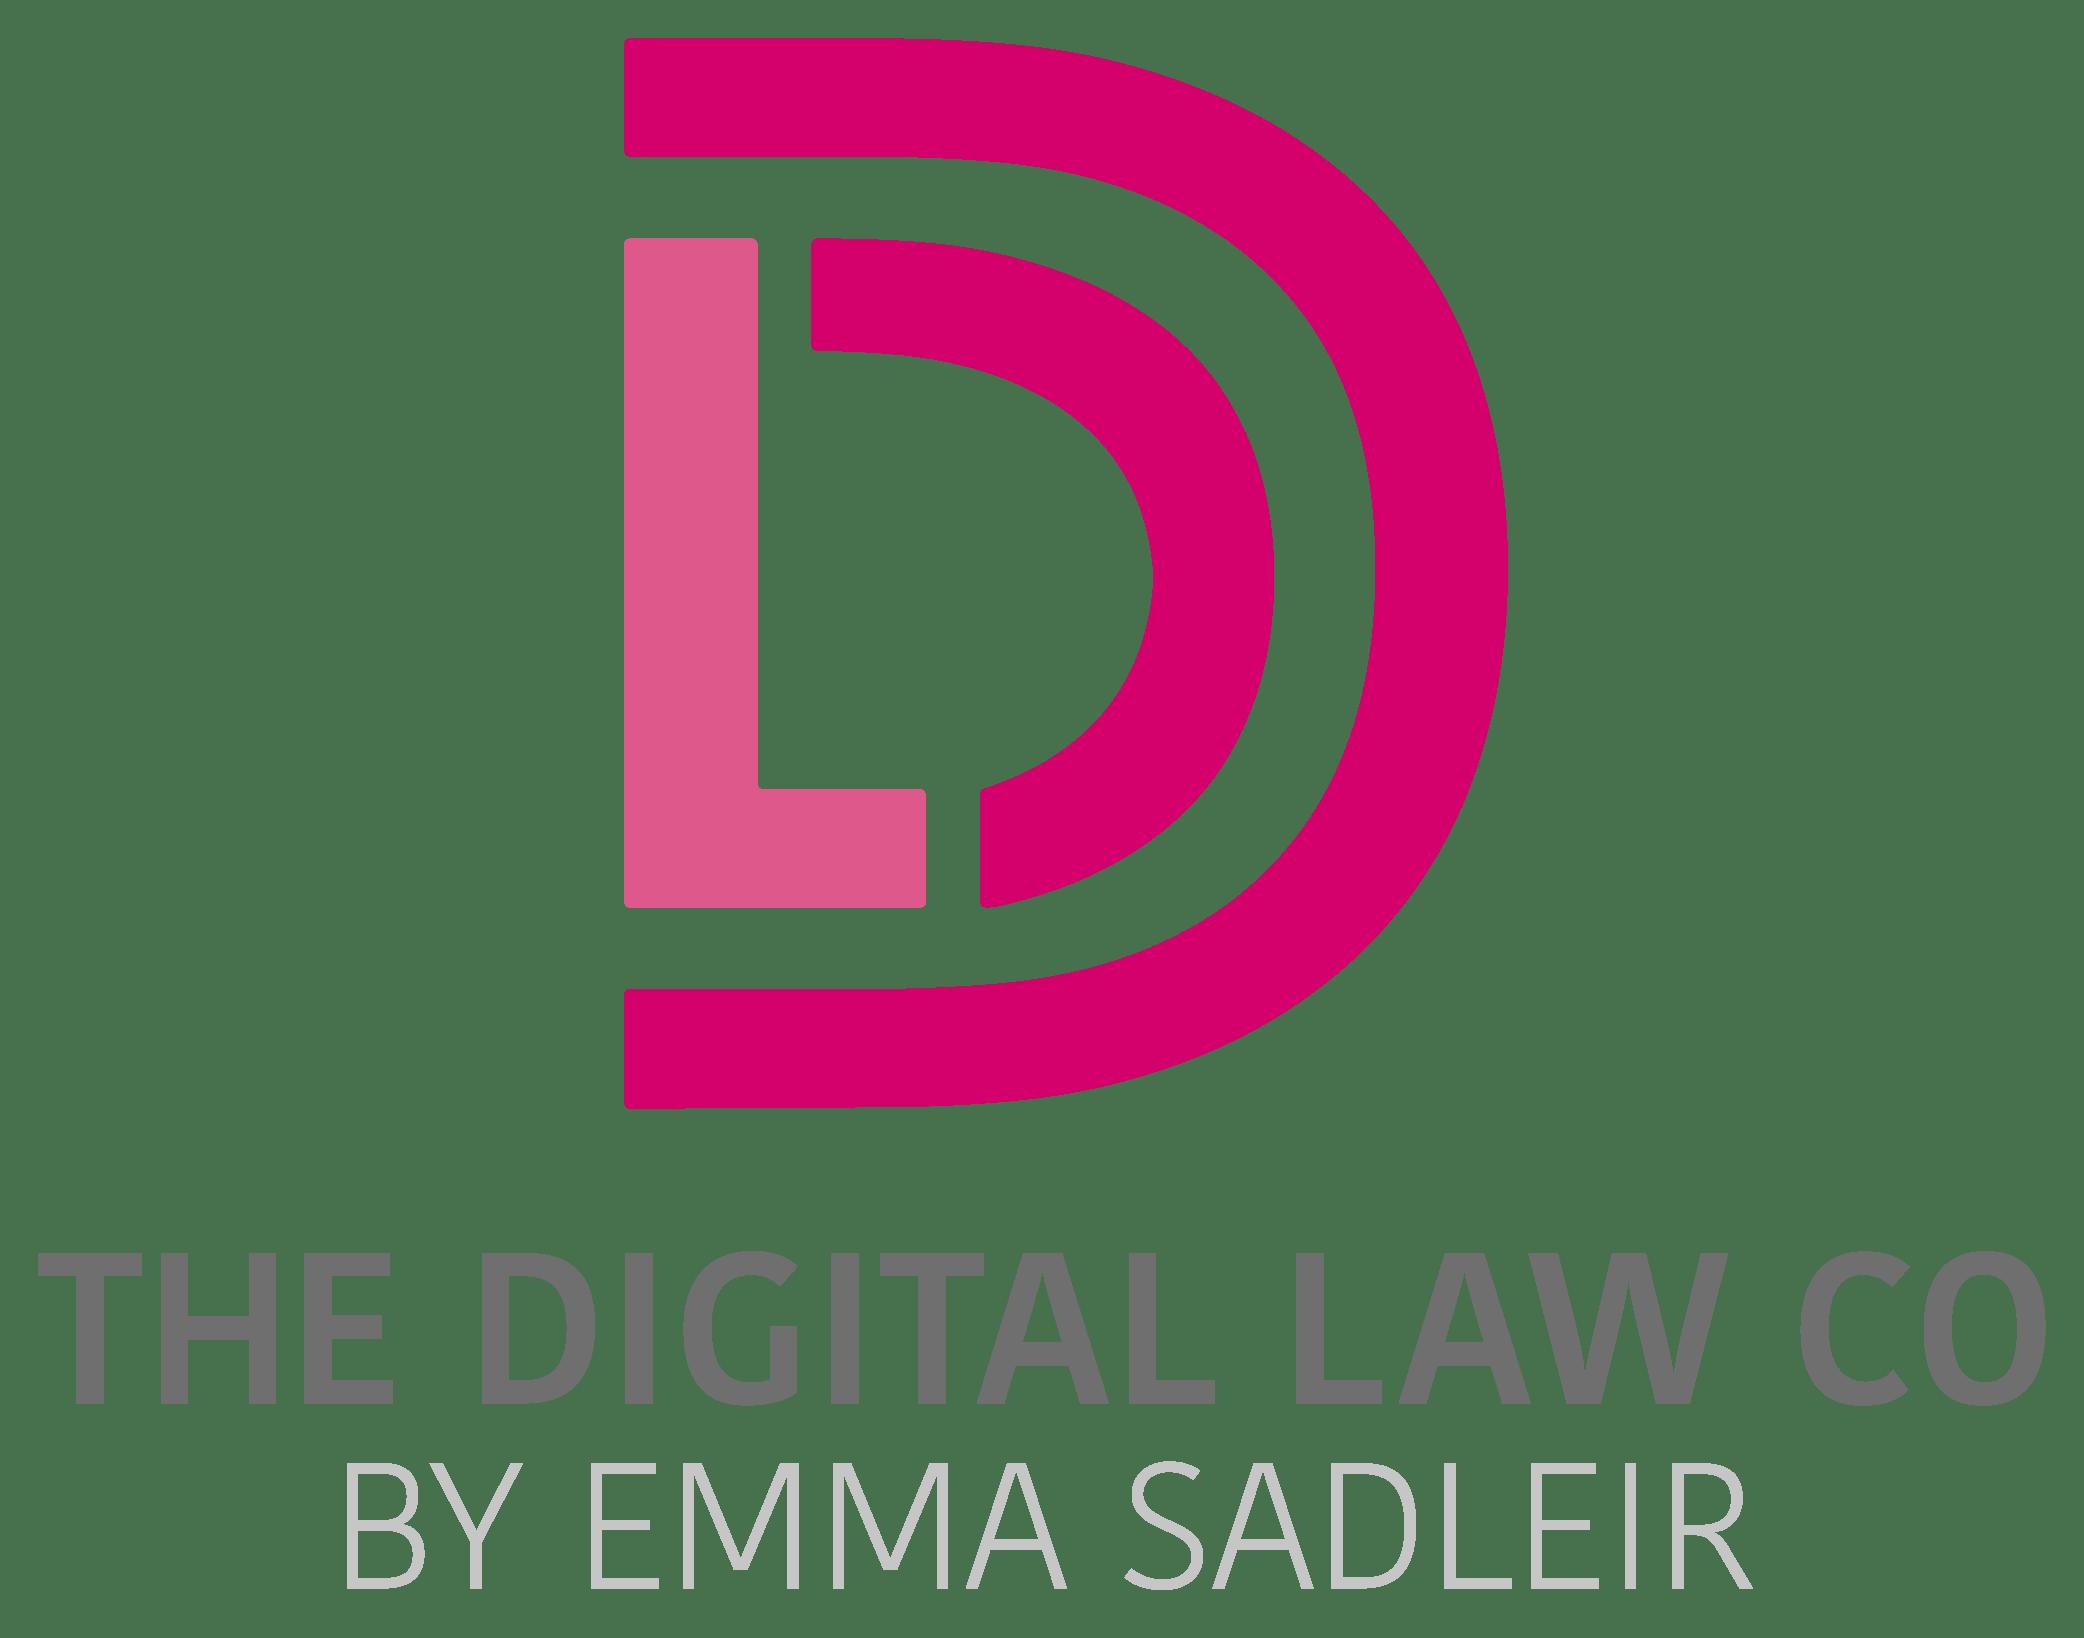 The Digital Law Company by Emma Sadleir